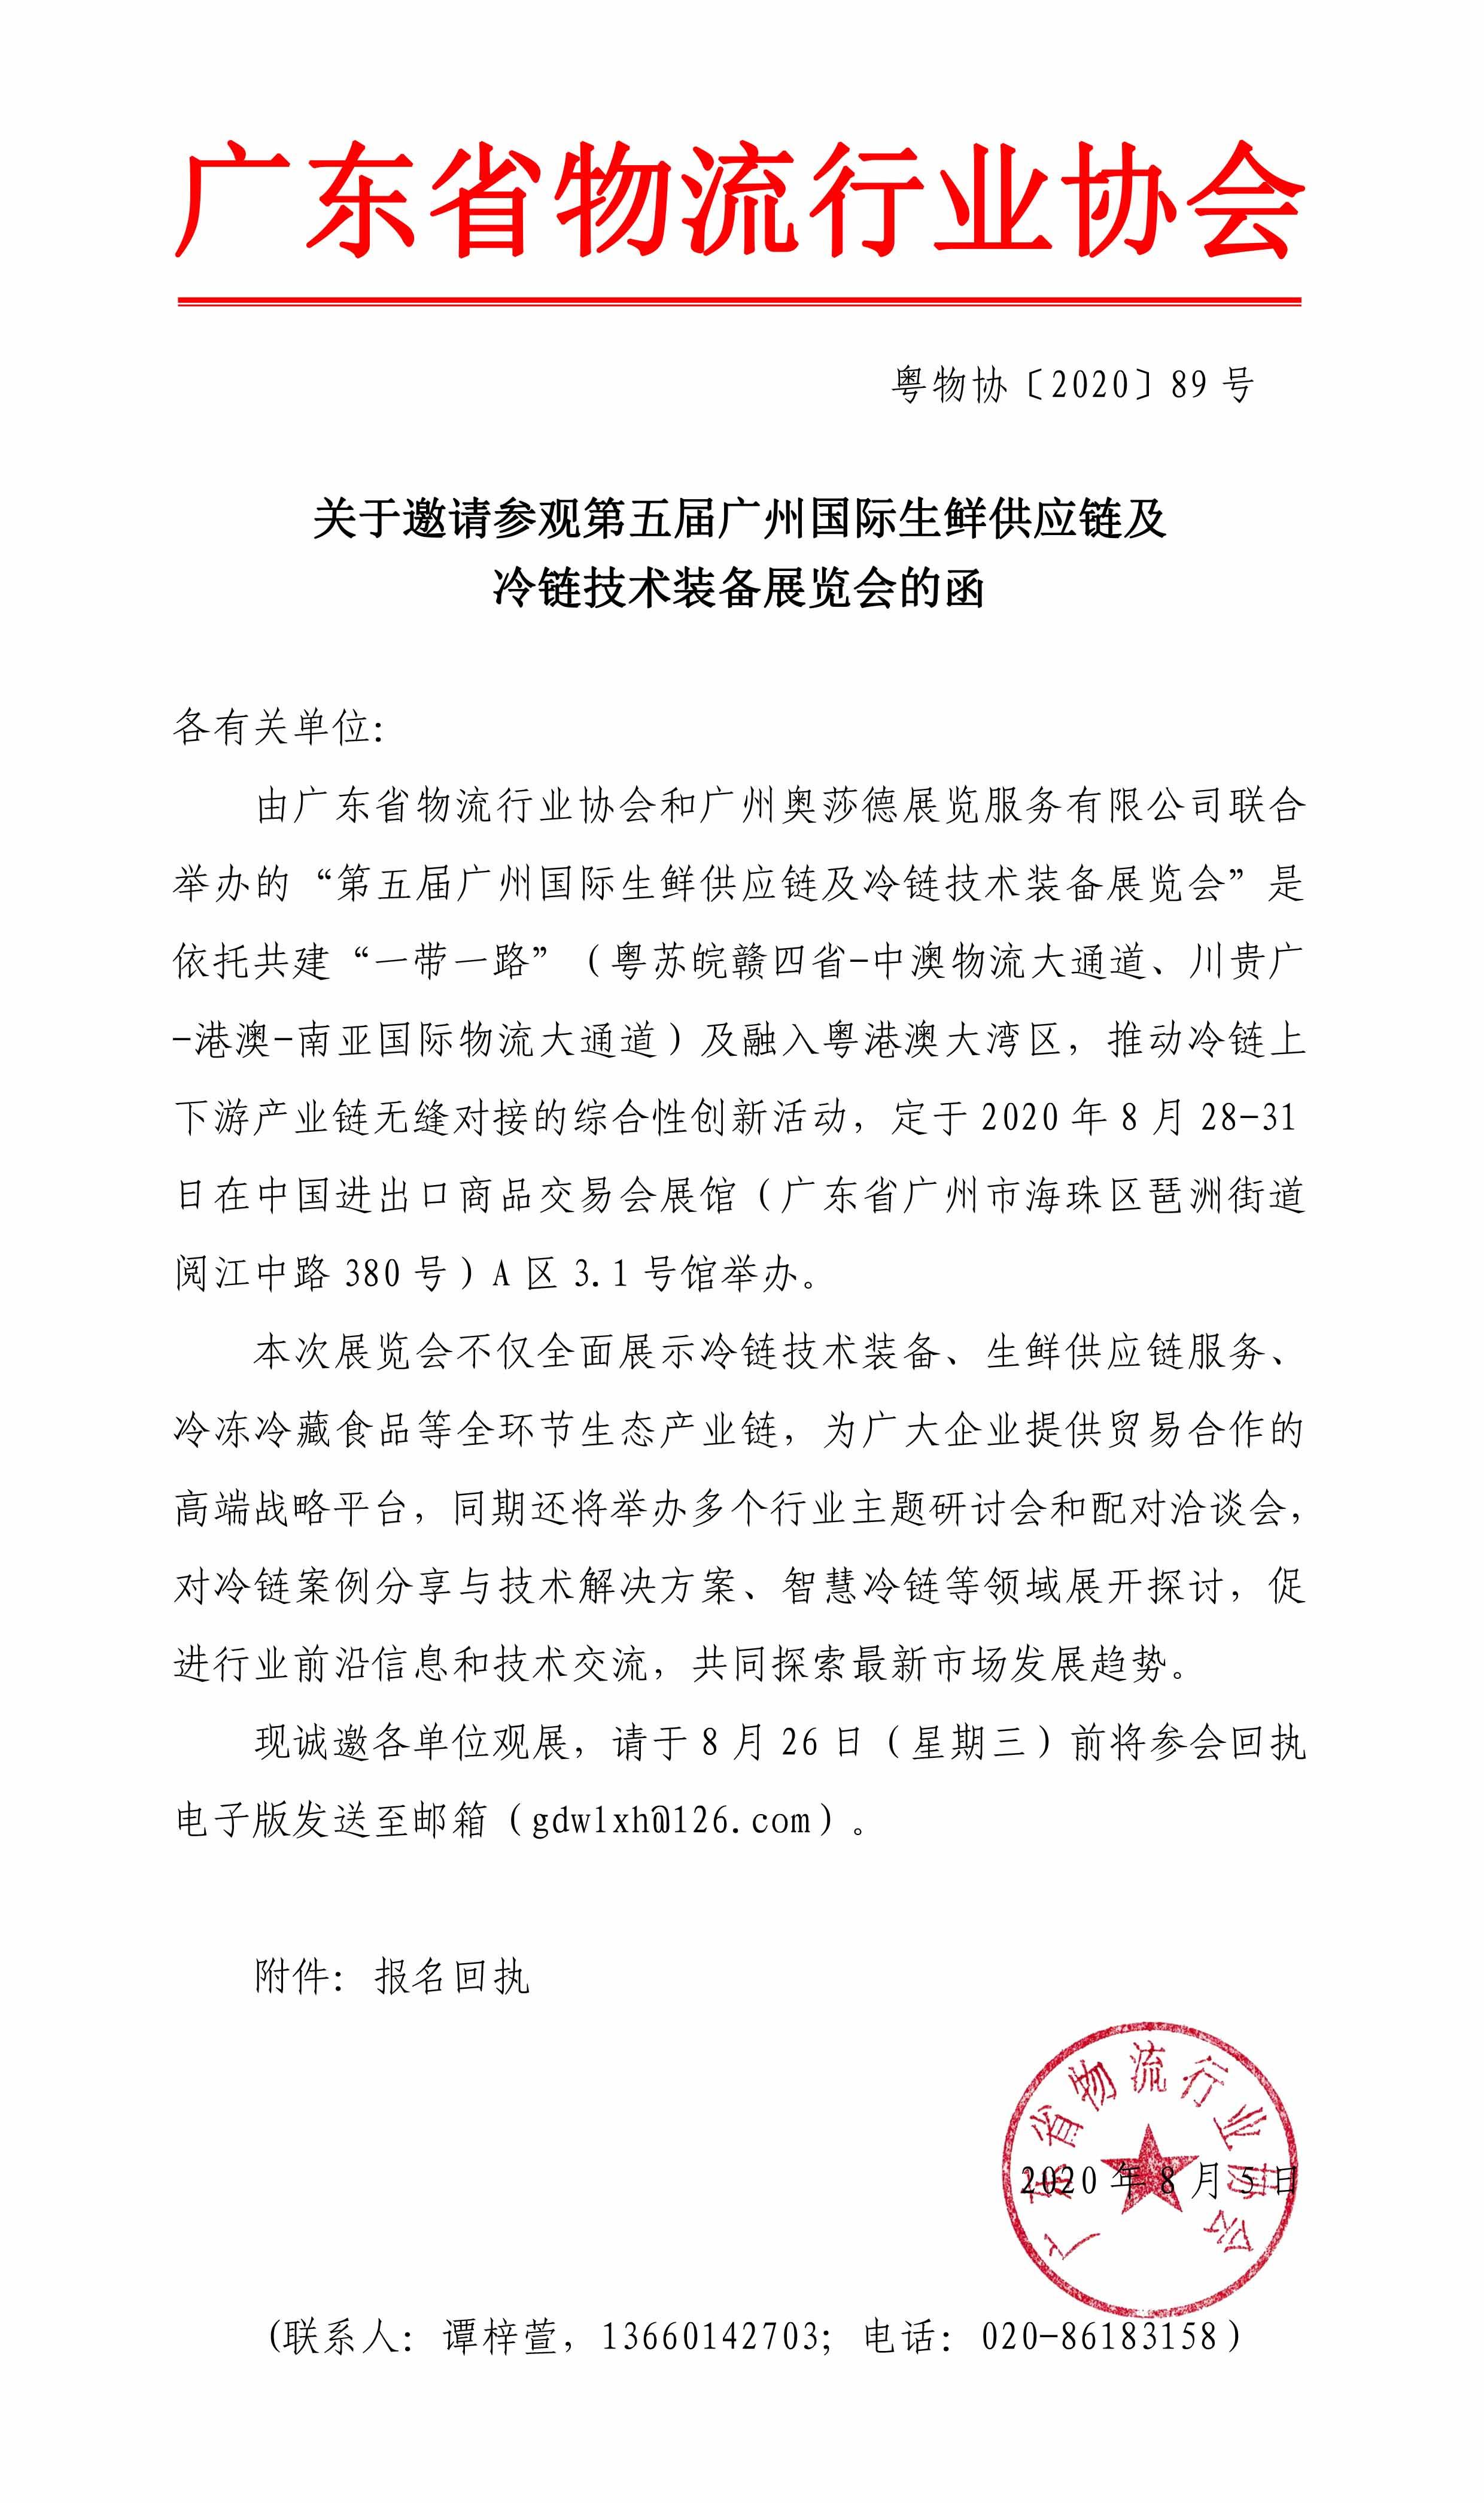 2020.8.3第五届广州国际生鲜供应链及冷链技术装备展览会邀请函(2)-1.jpg